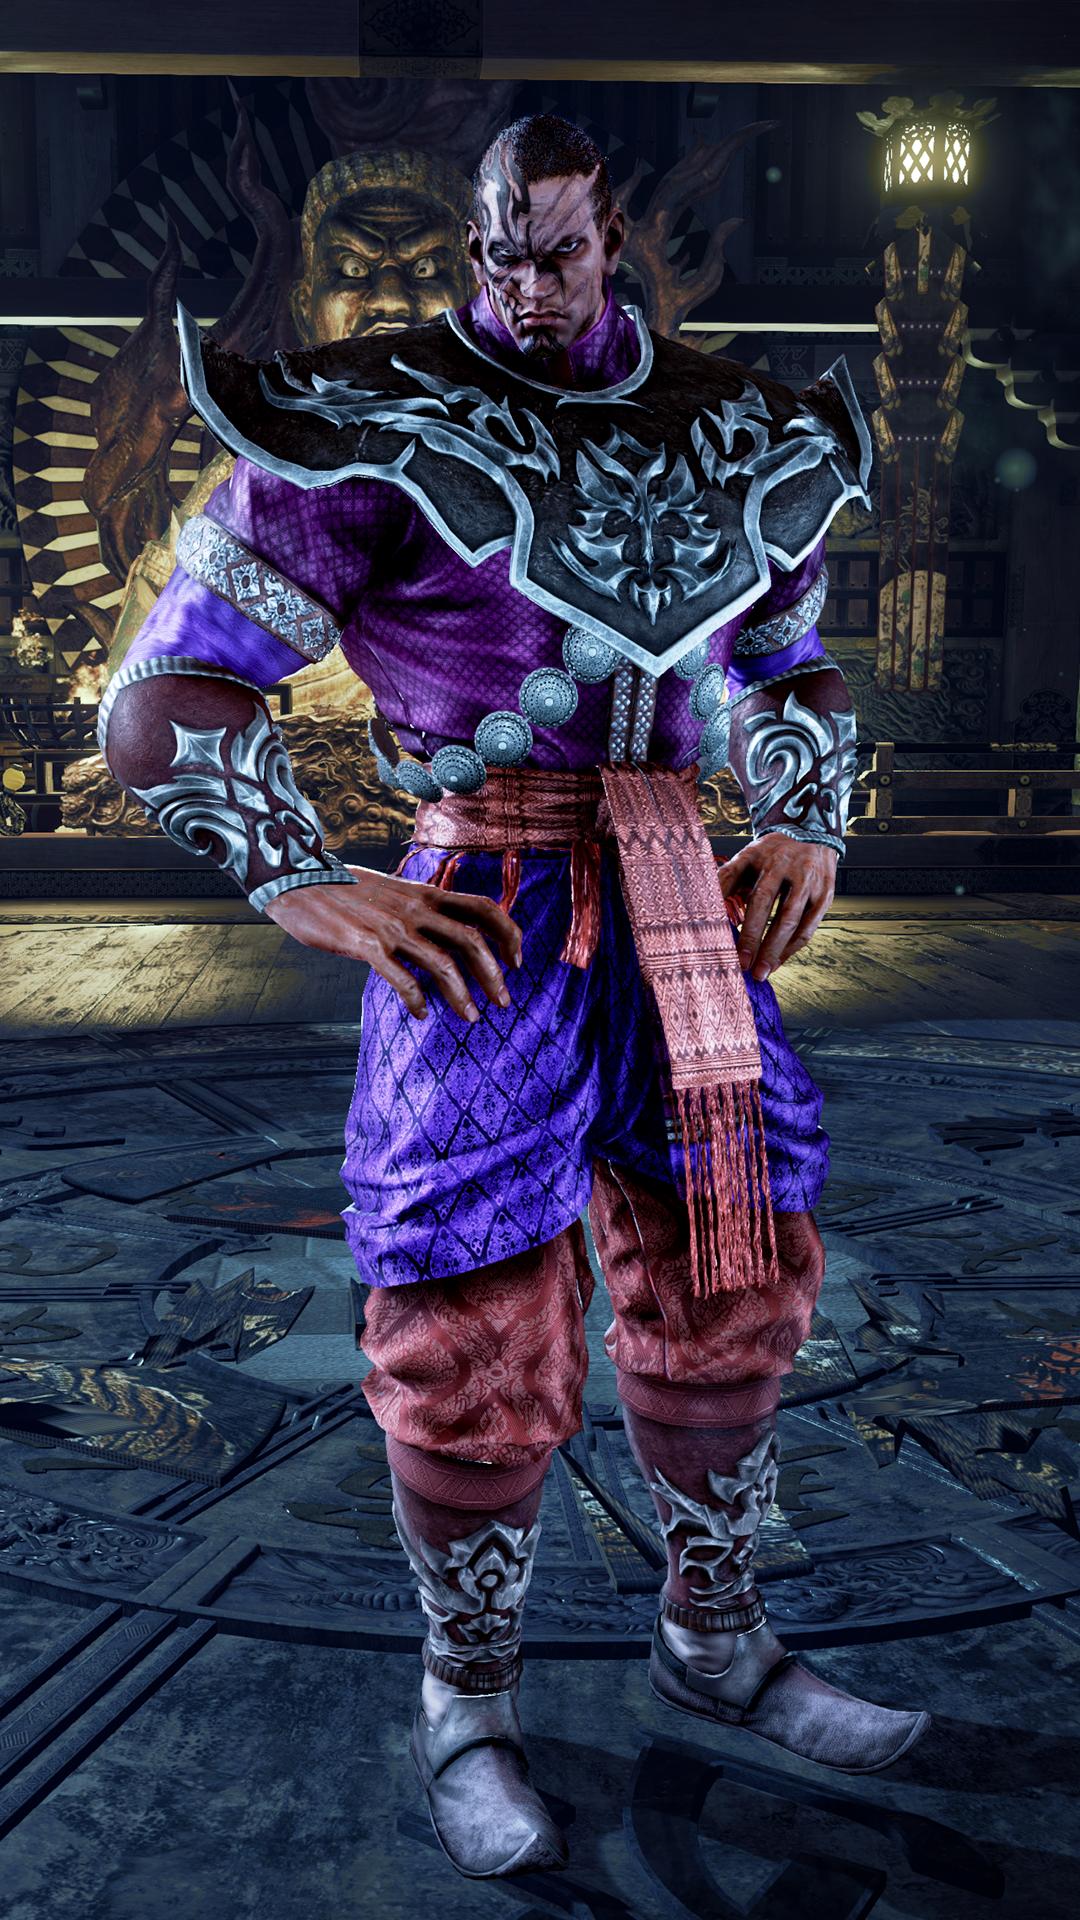 Fahkumram Arrives In Tekken 7 On March 24 So Get Ready